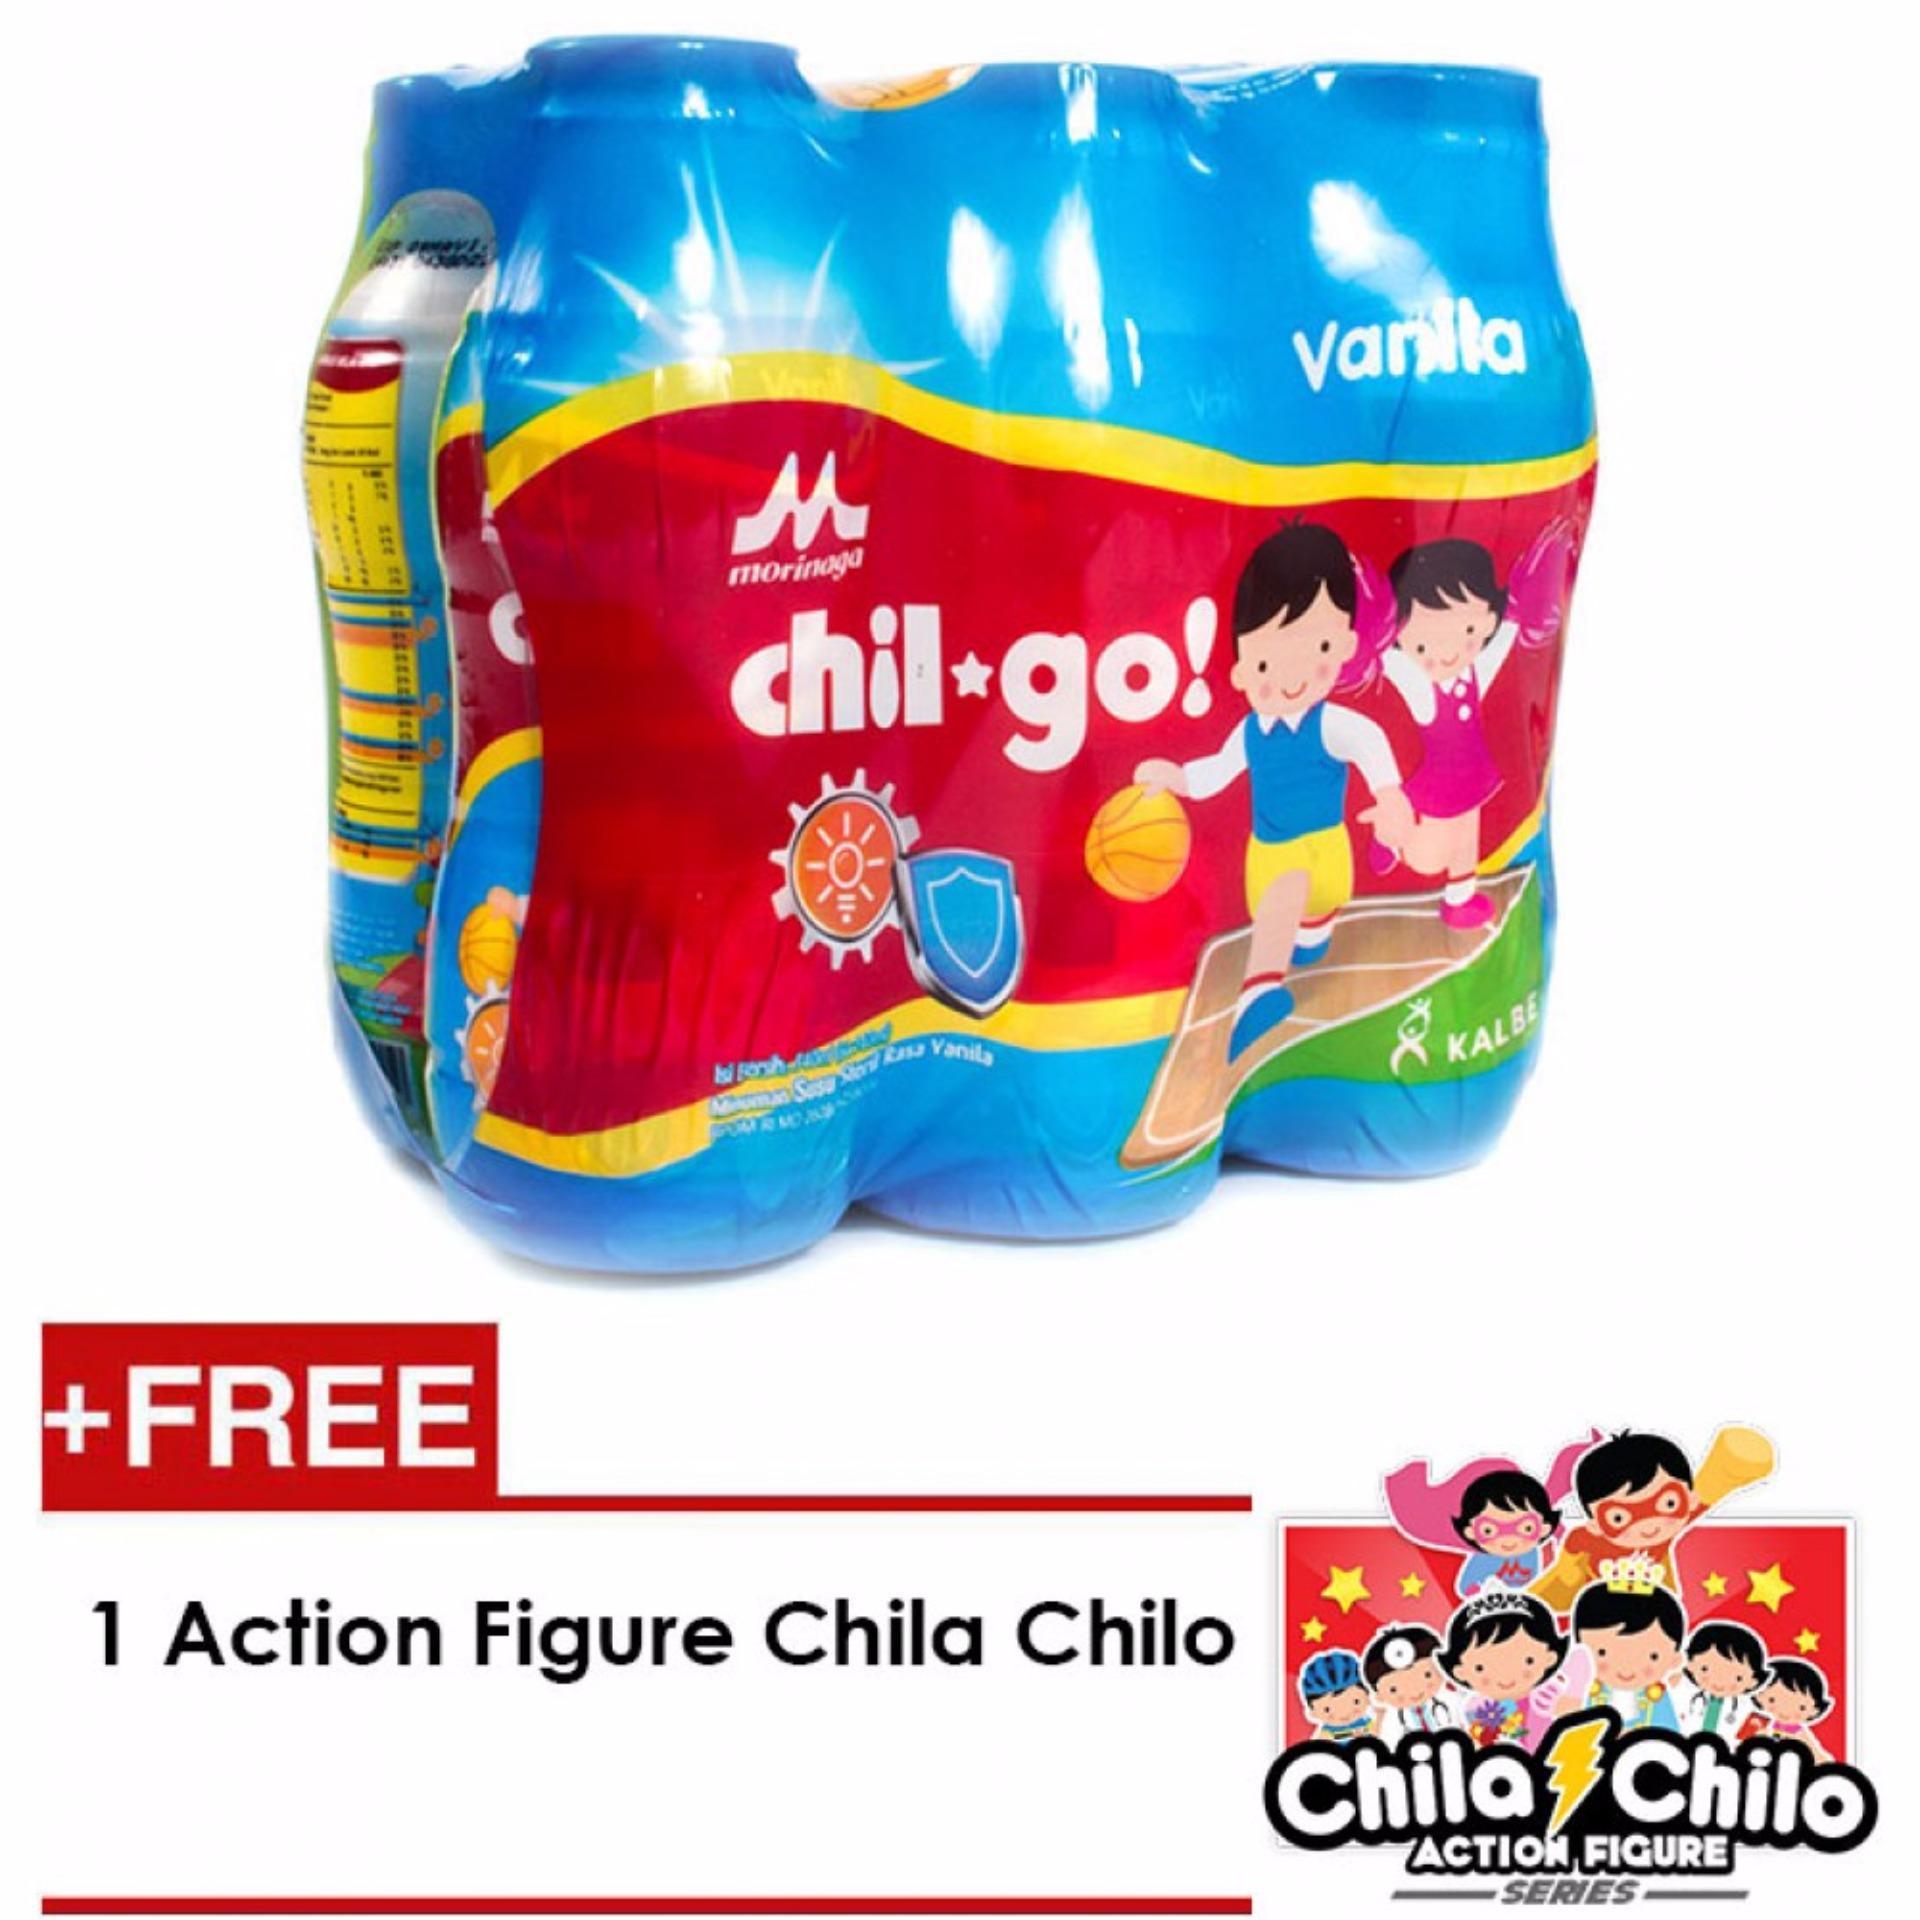 Promo Morinaga Chil Kid Tahap 3 Reguler Kemasan Karton 1600gr Madu Wyeth S 26 Procal Gold Vanila Baru 1400gr Penawaran Regular Toko Meningkatkan Kemampuan